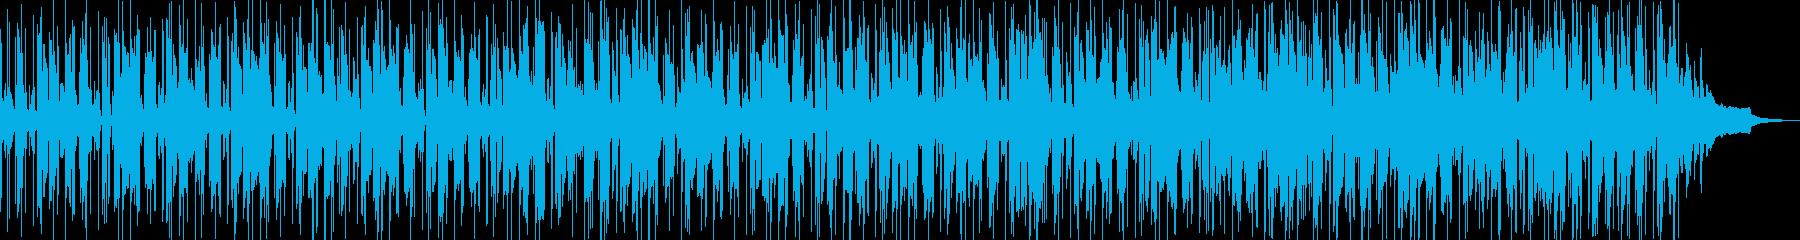 広告音楽。クンビア、リズミカル。デ...の再生済みの波形